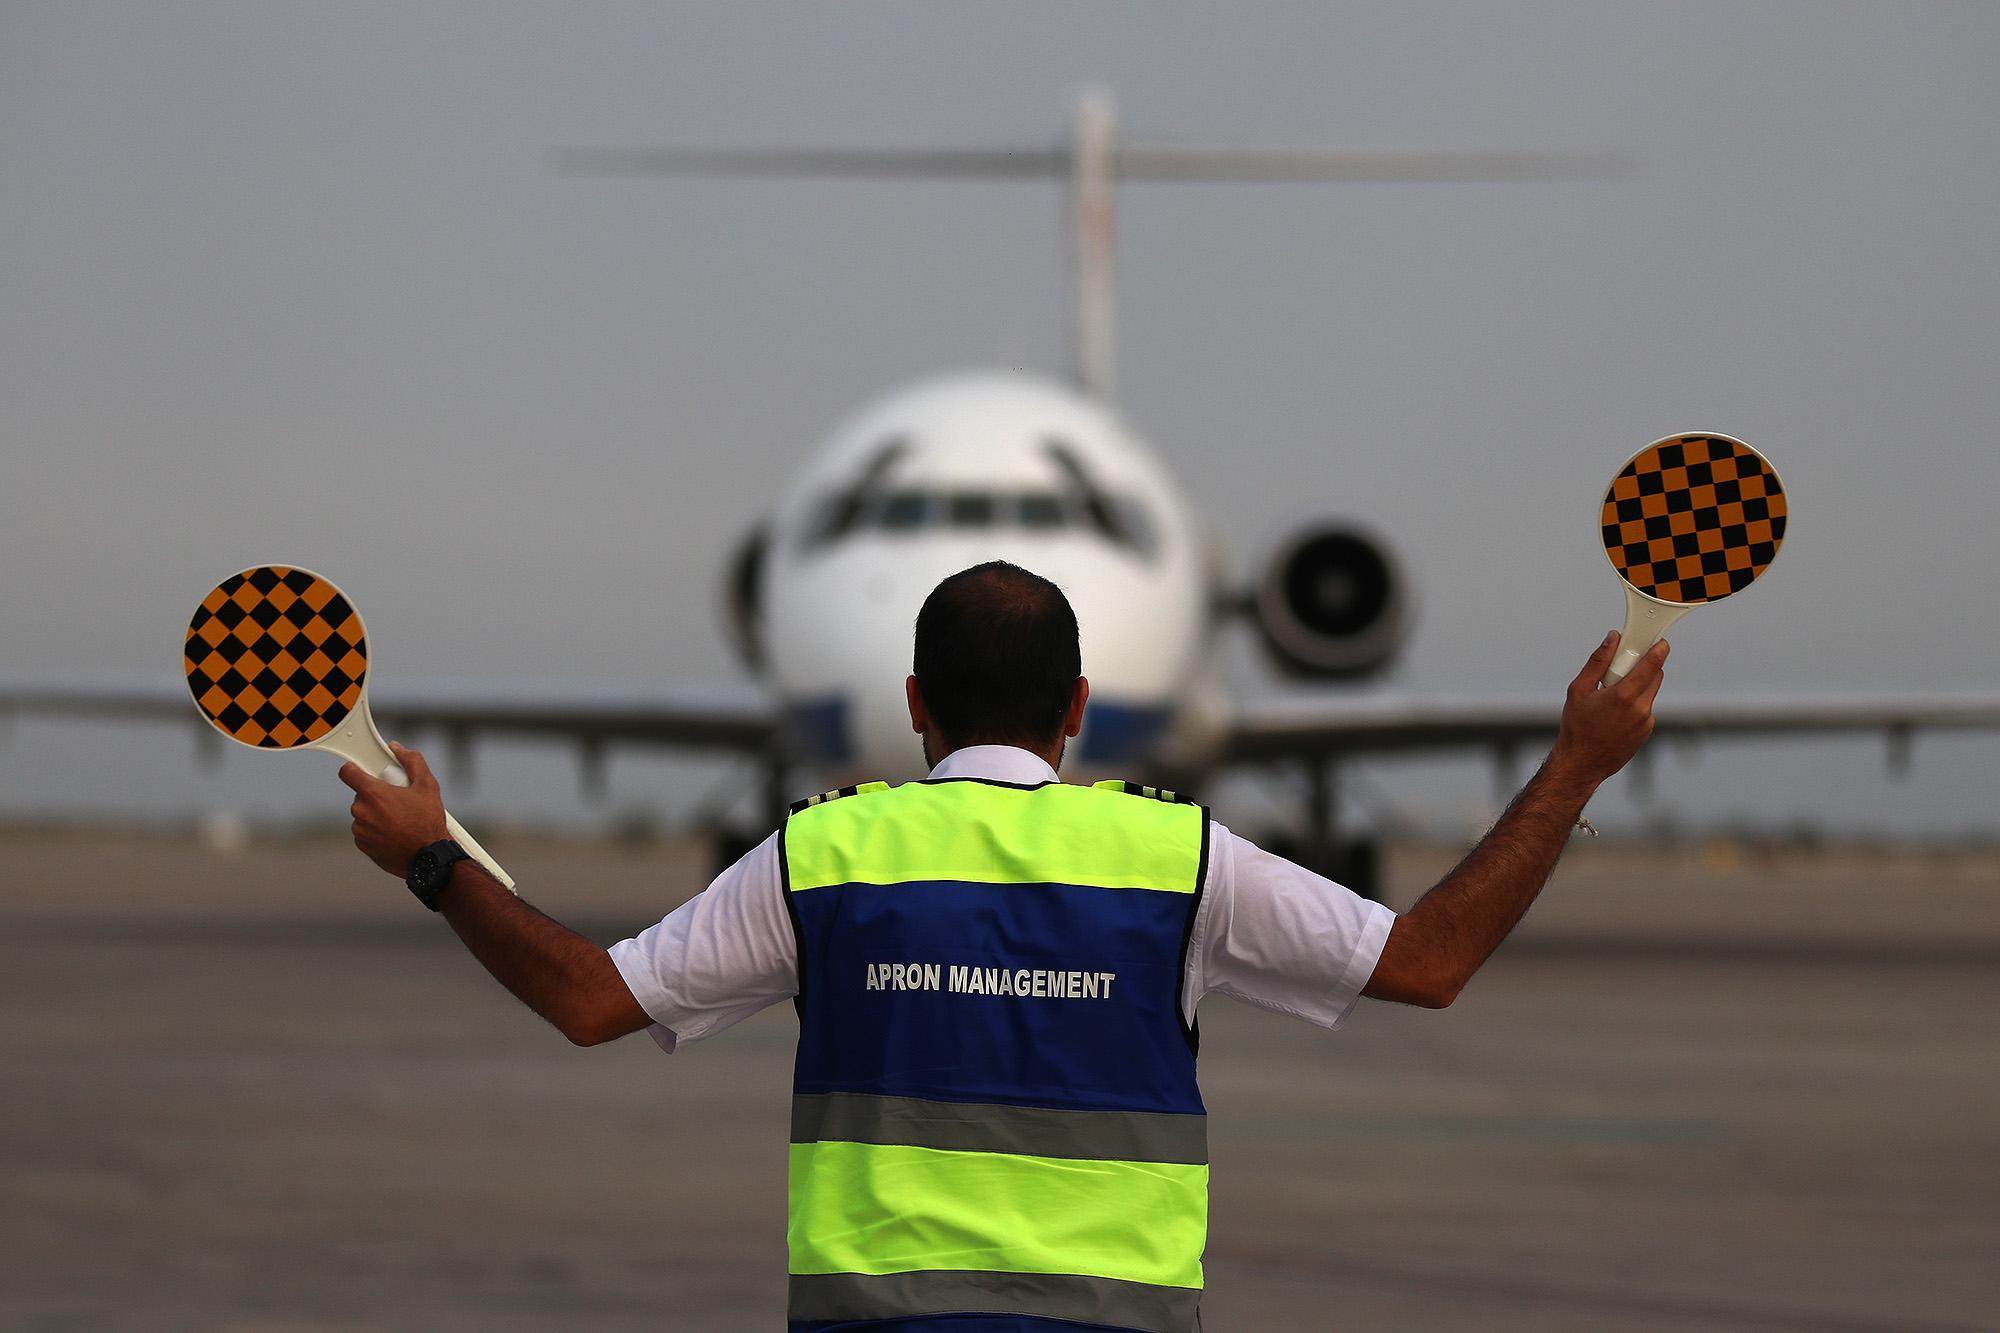 تردد مسافران جزیره کیش با ۸۲ پرواز در فرودگاه بین المللی کیش